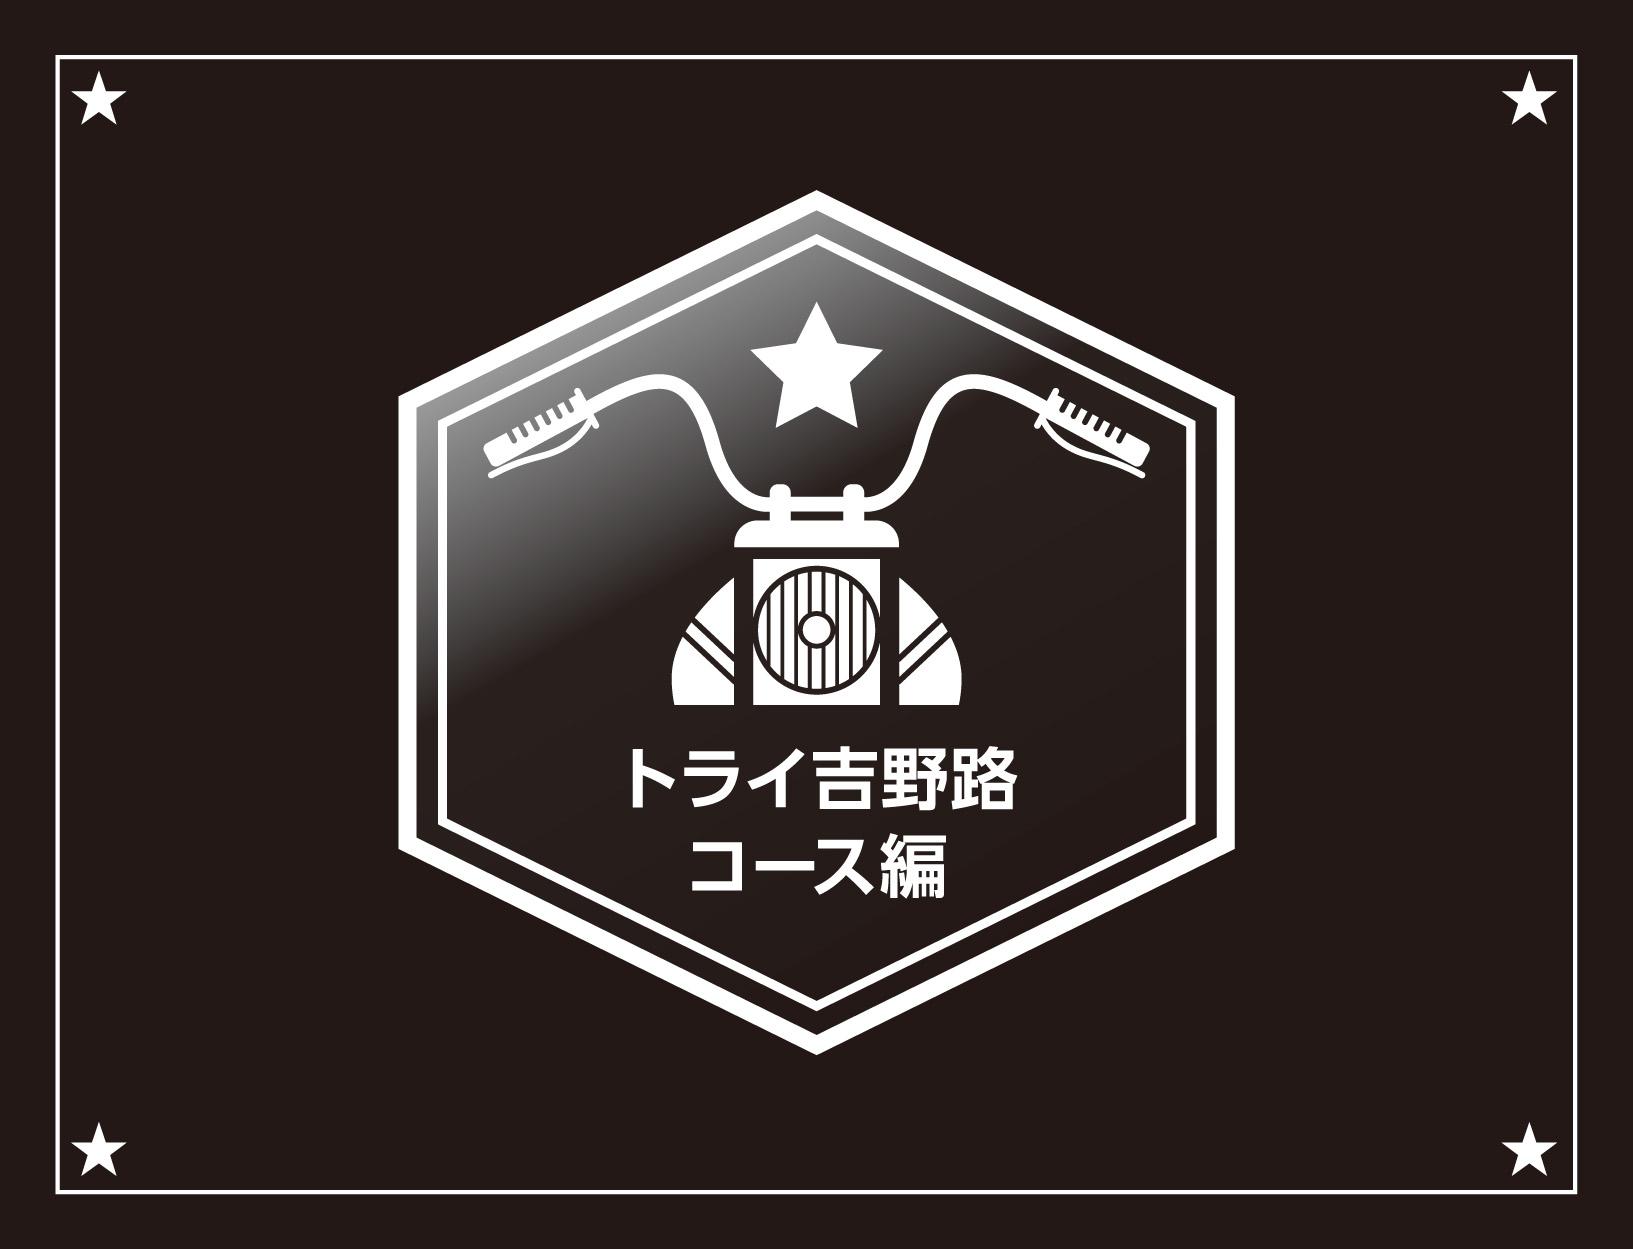 単車屋吉田 スタンプラリー トライ 吉野路コース編